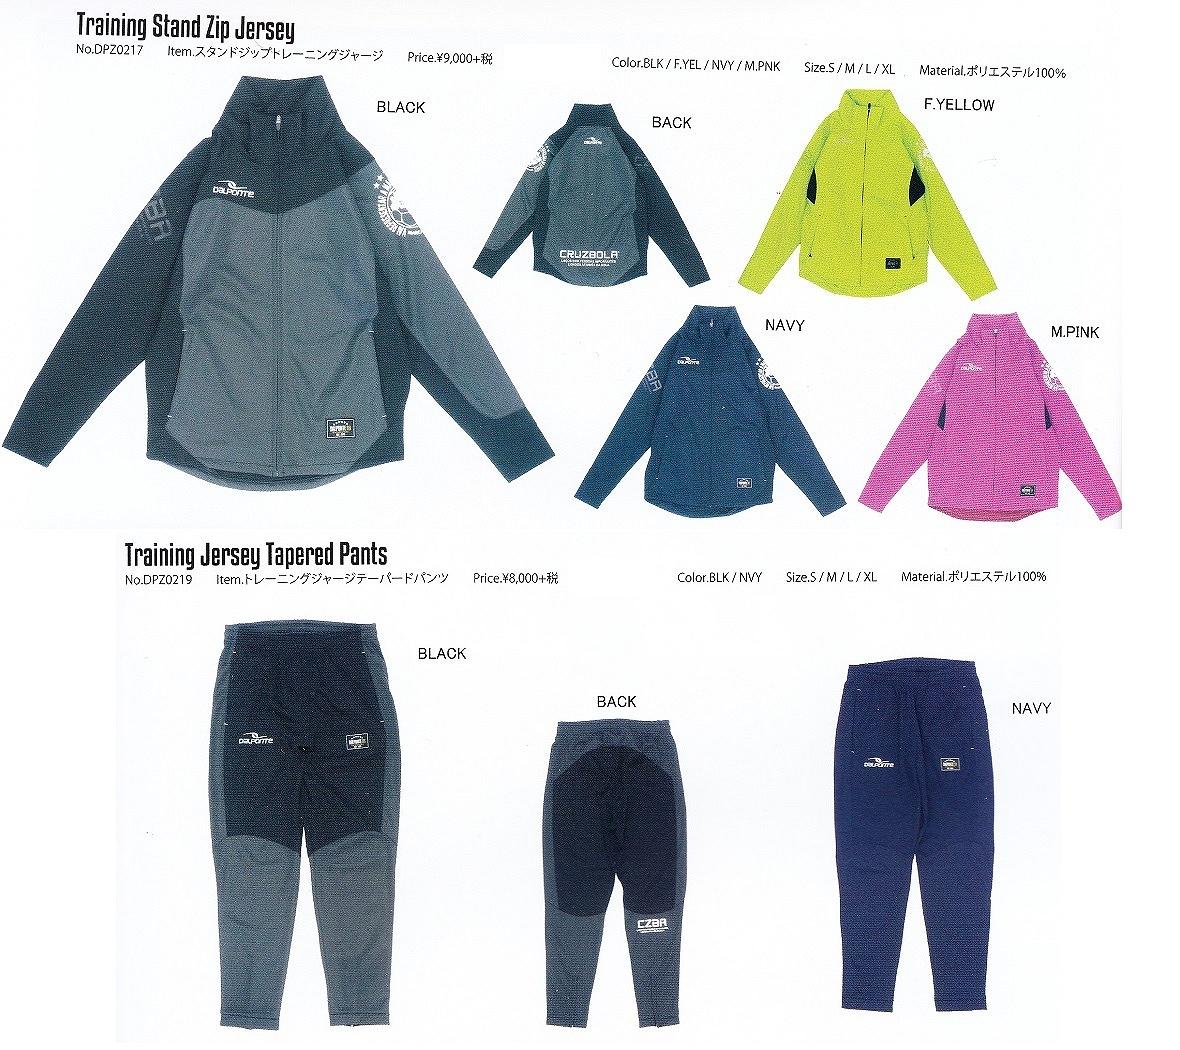 ダウポンチ 2017FW DPZ0217-0219 スタンド ジップ トレーニング ジャージ ジャケット・テーパード パンツ 上下セット